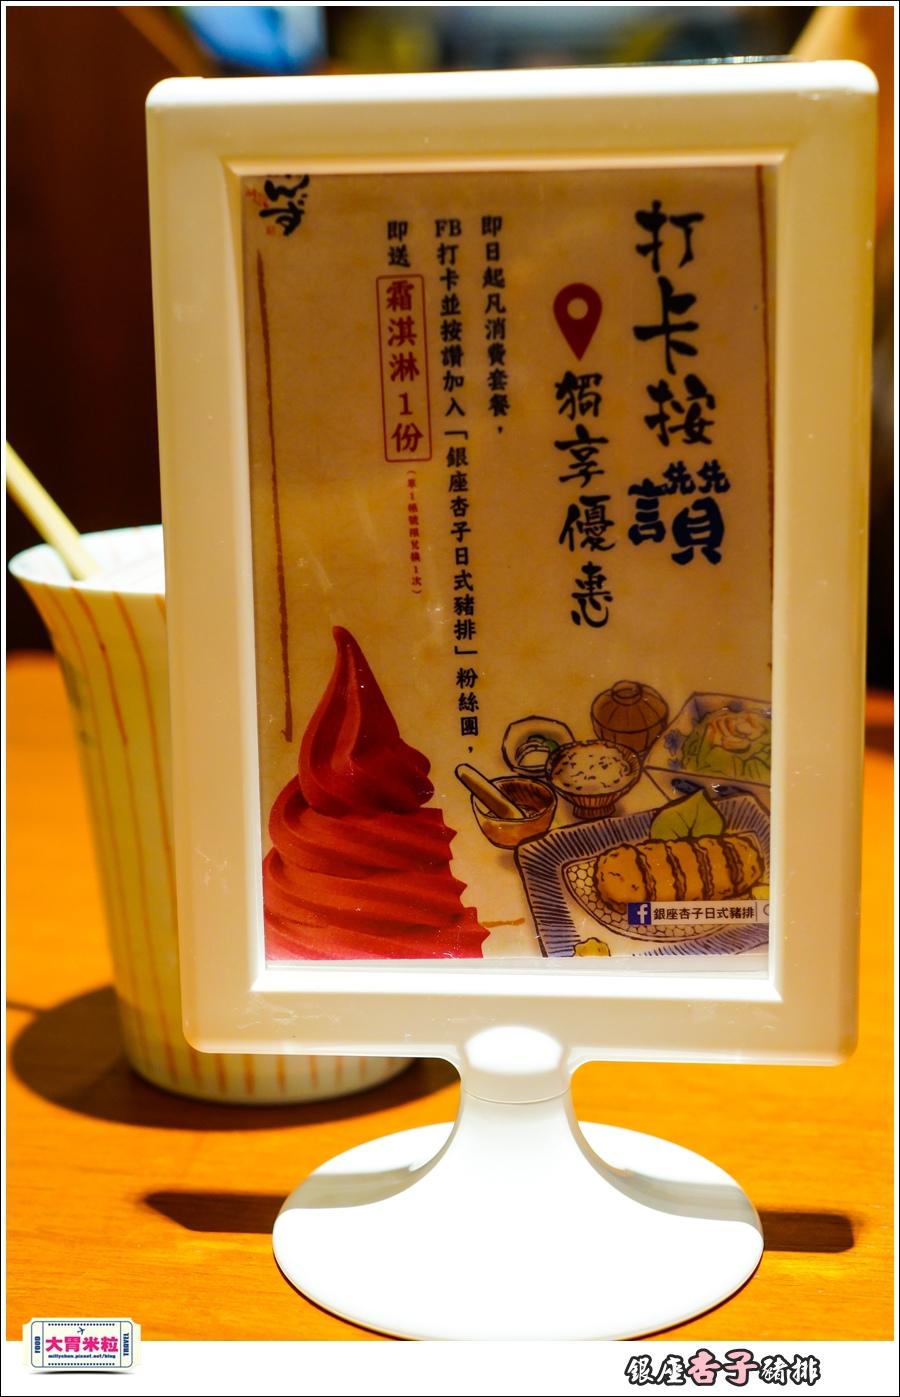 銀座杏子日式豬排(高雄左營店)@大胃米粒0060.jpg